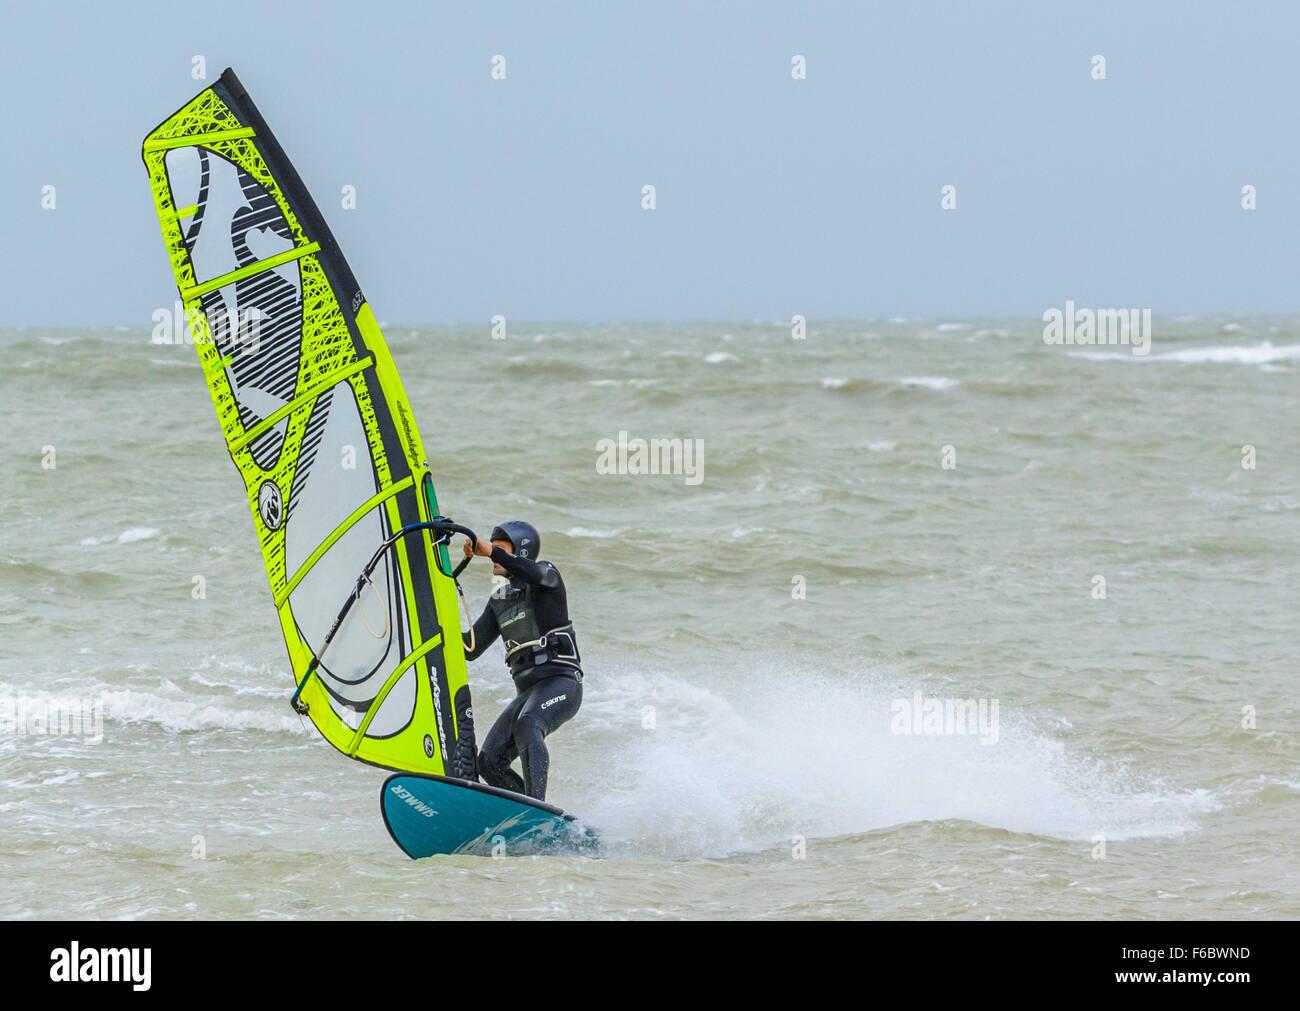 Planche à voile, sur une mer déchaînée. Photo Stock